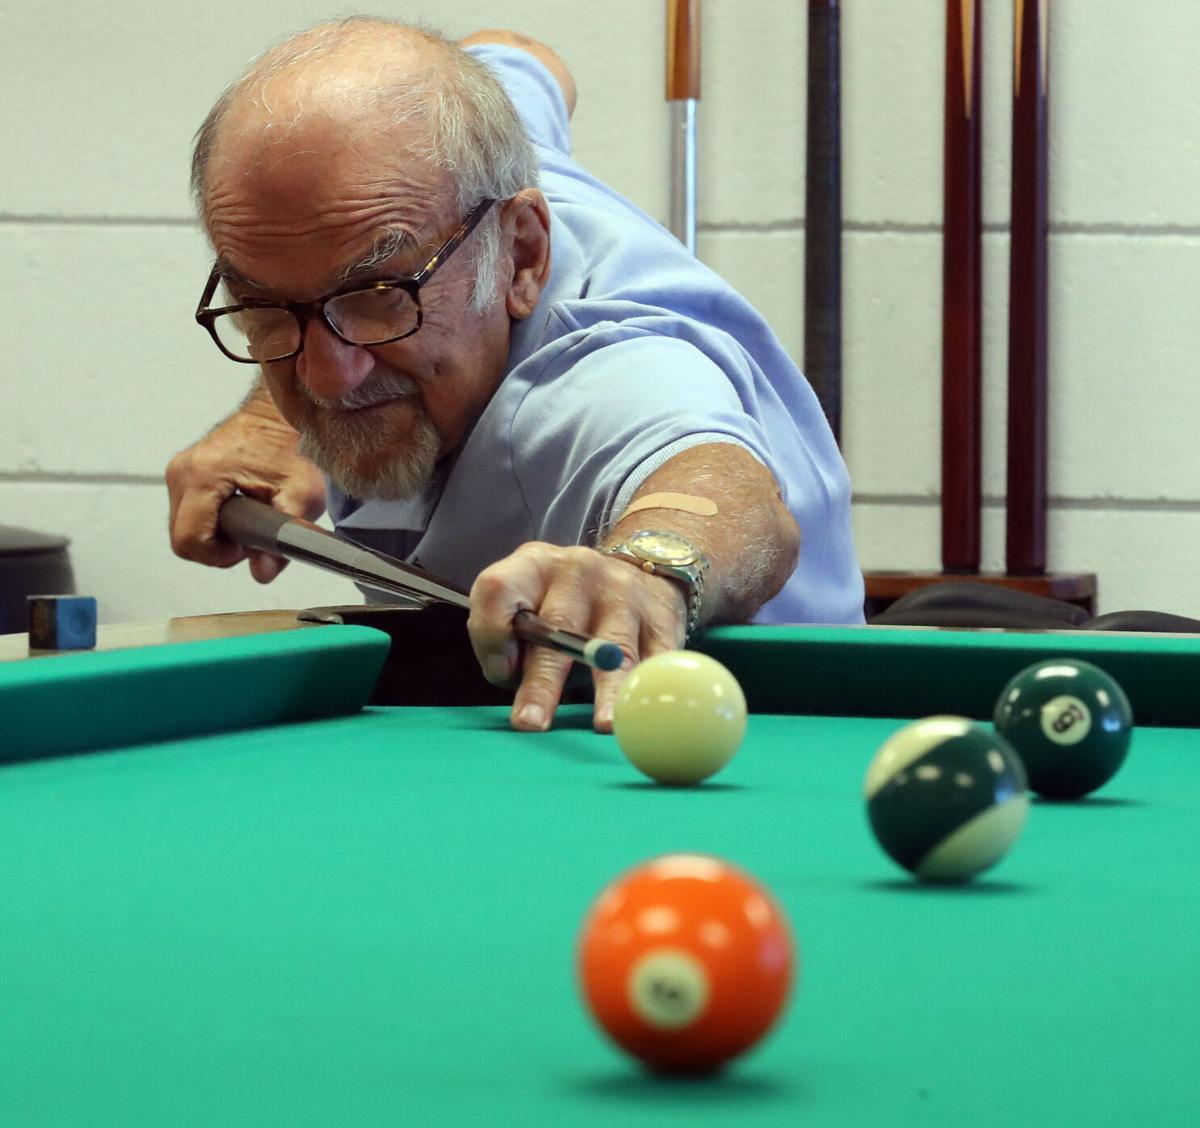 082321-Senior Games 1-CPT